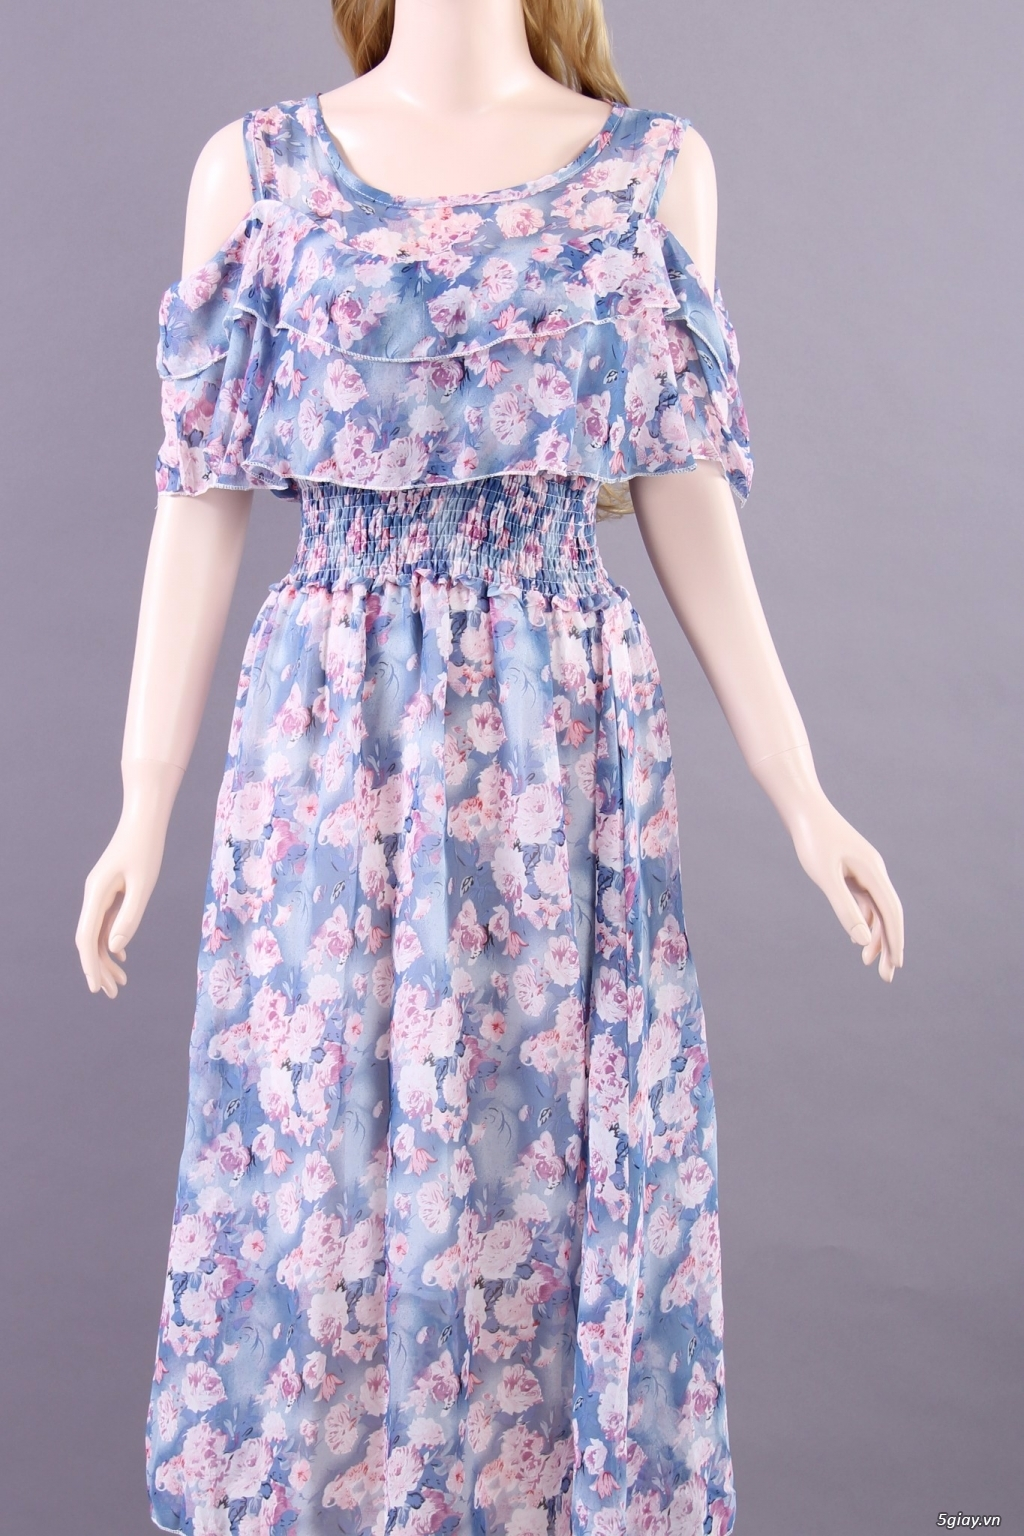 Wal House Fashion - Thương Hiệu Việt - Kiểu dáng đa dạng - 5